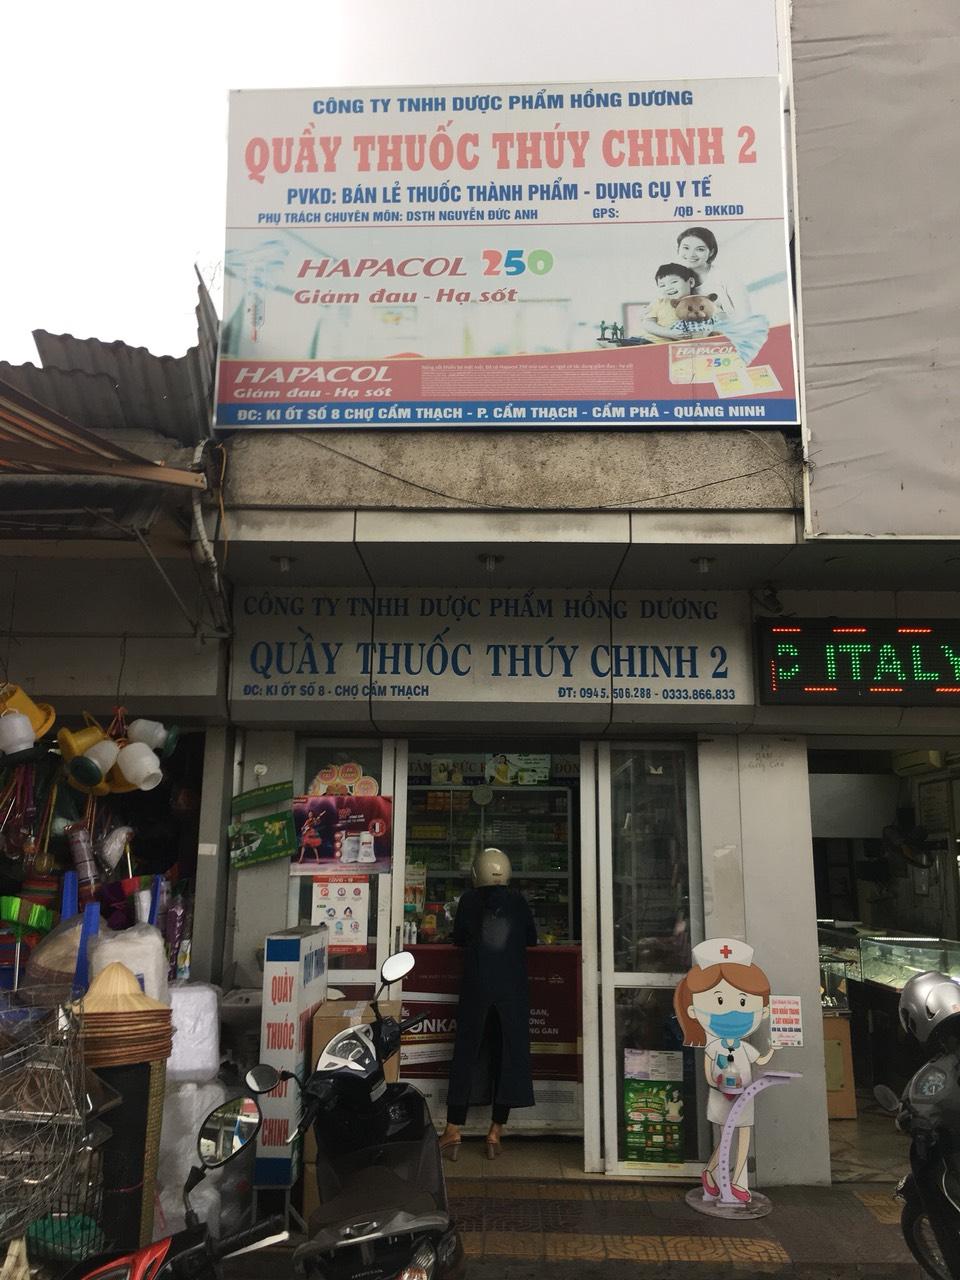 QT Thúy Chinh 2